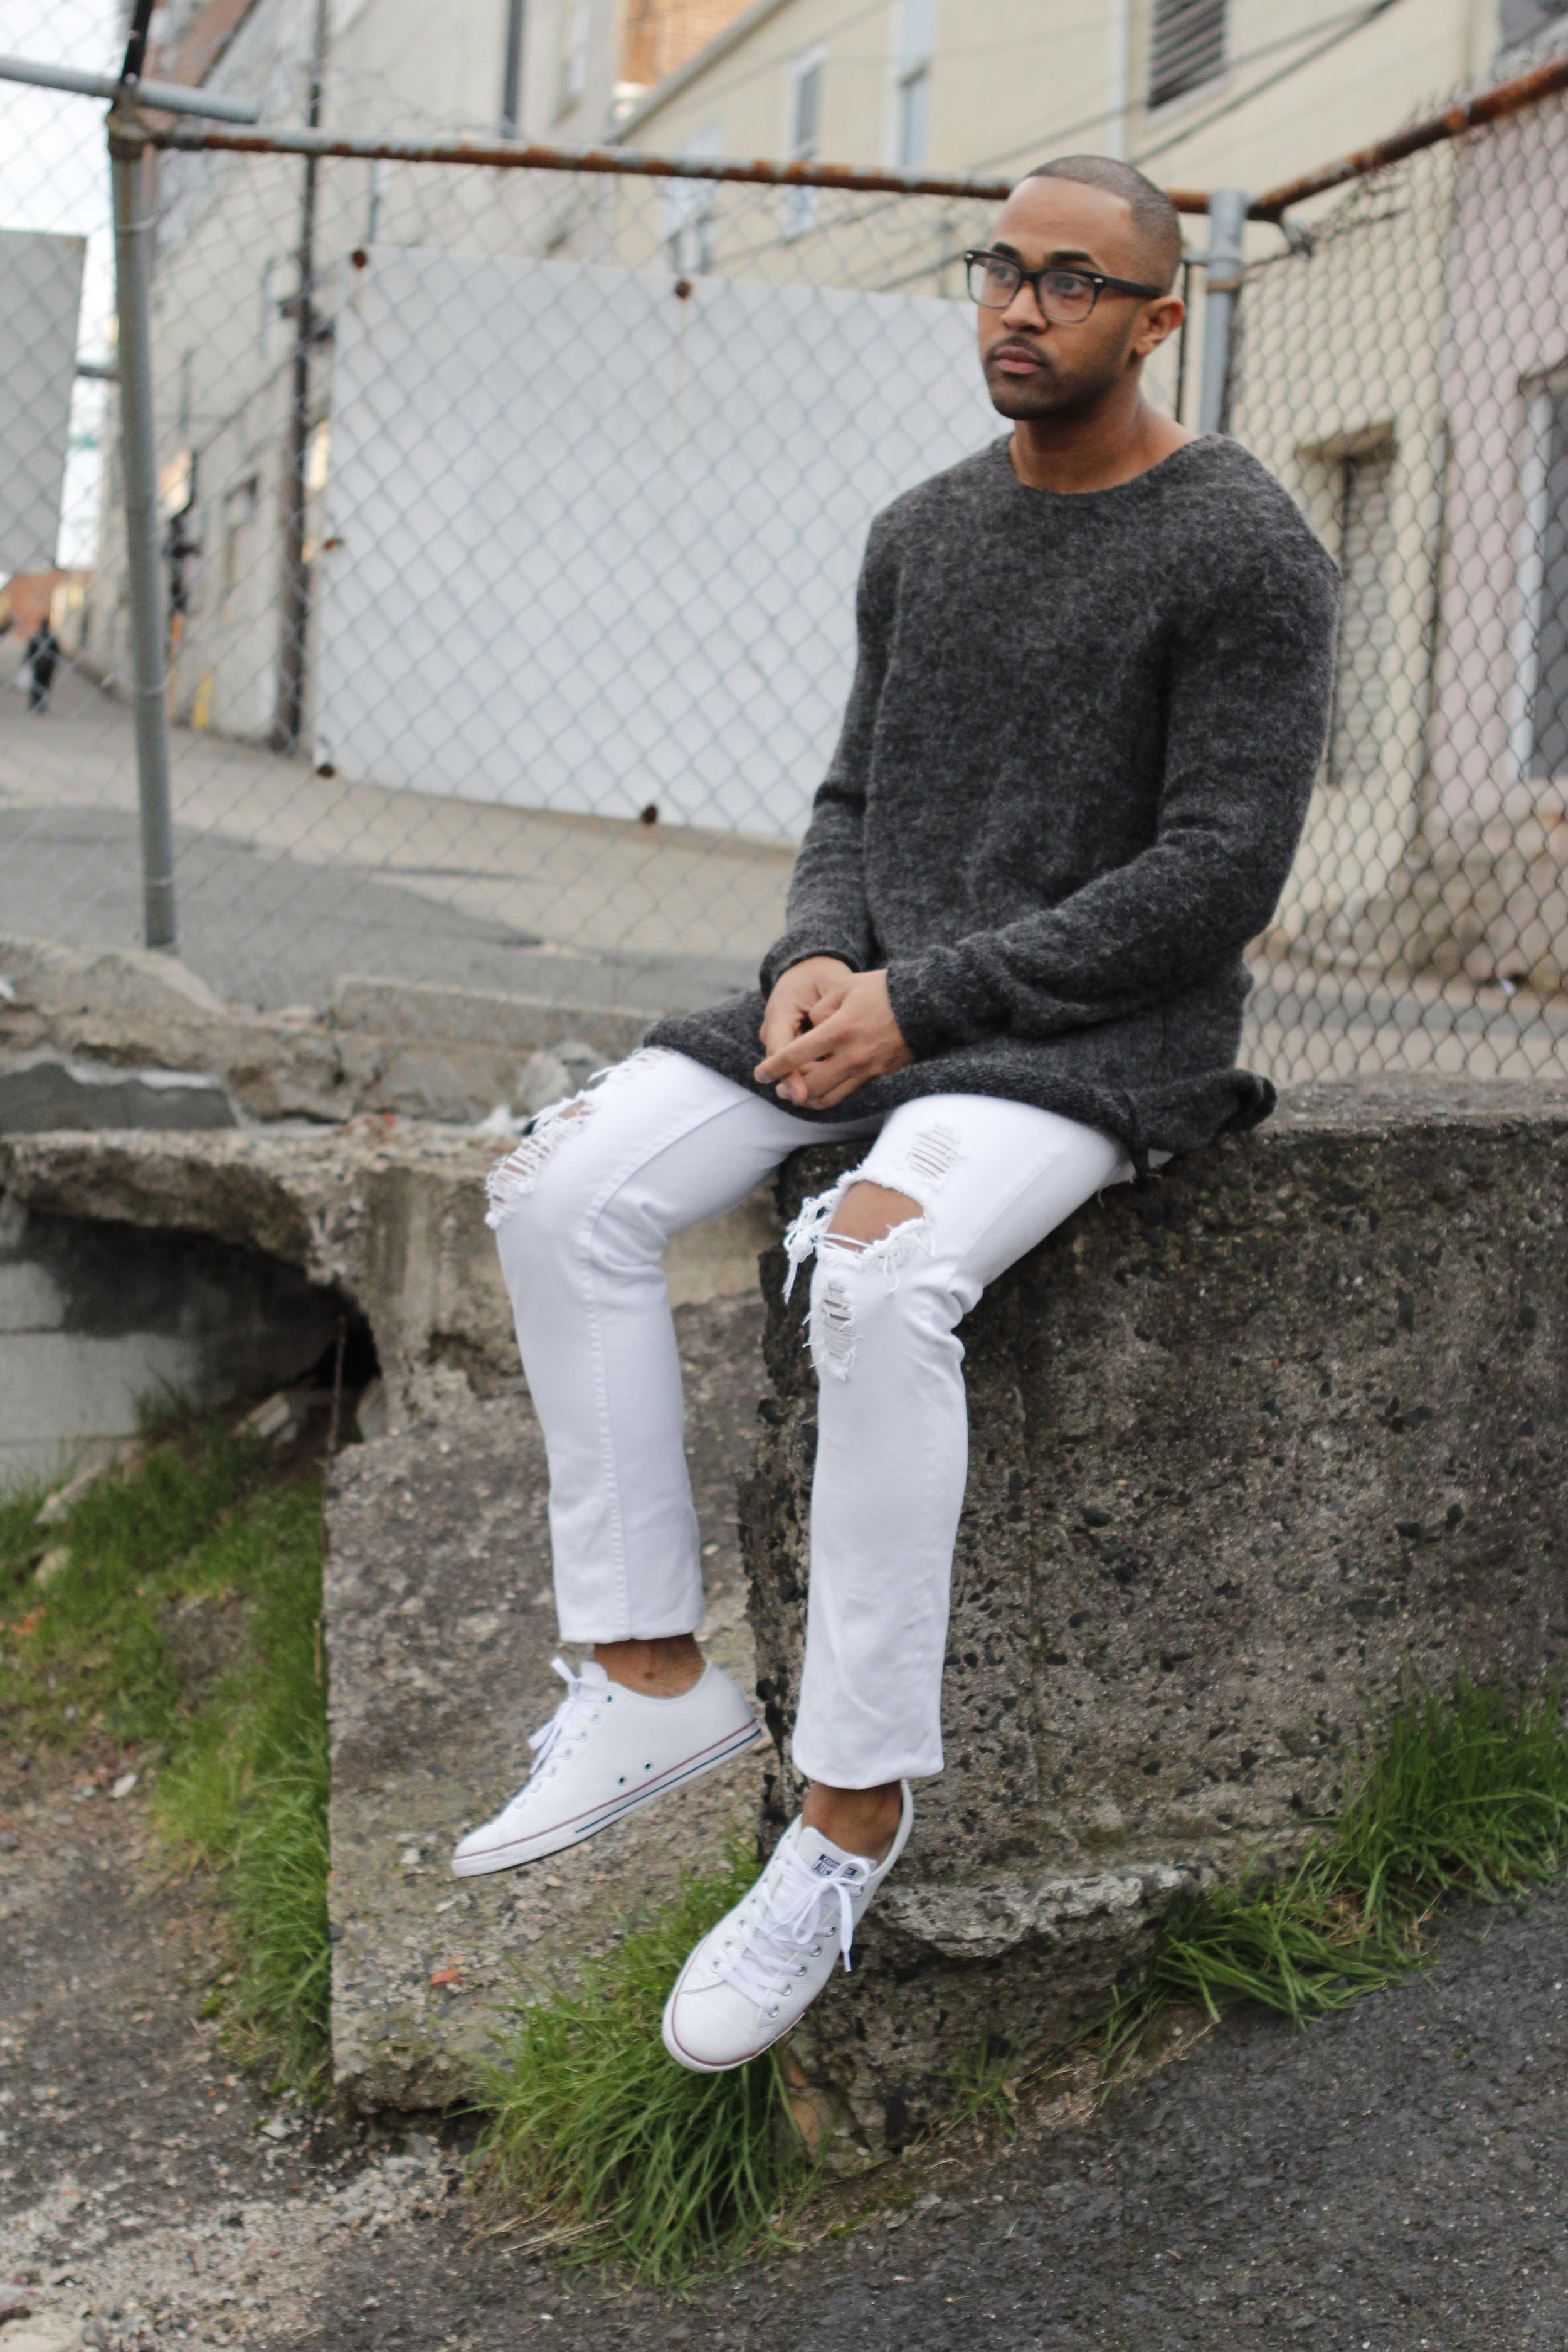 Oversized sweaters can be worn with anything, even my comfy converse...  Este tipo de sweaters pueden usarse casi con cualquier cosa, hasta mis converses que son bien comodos...